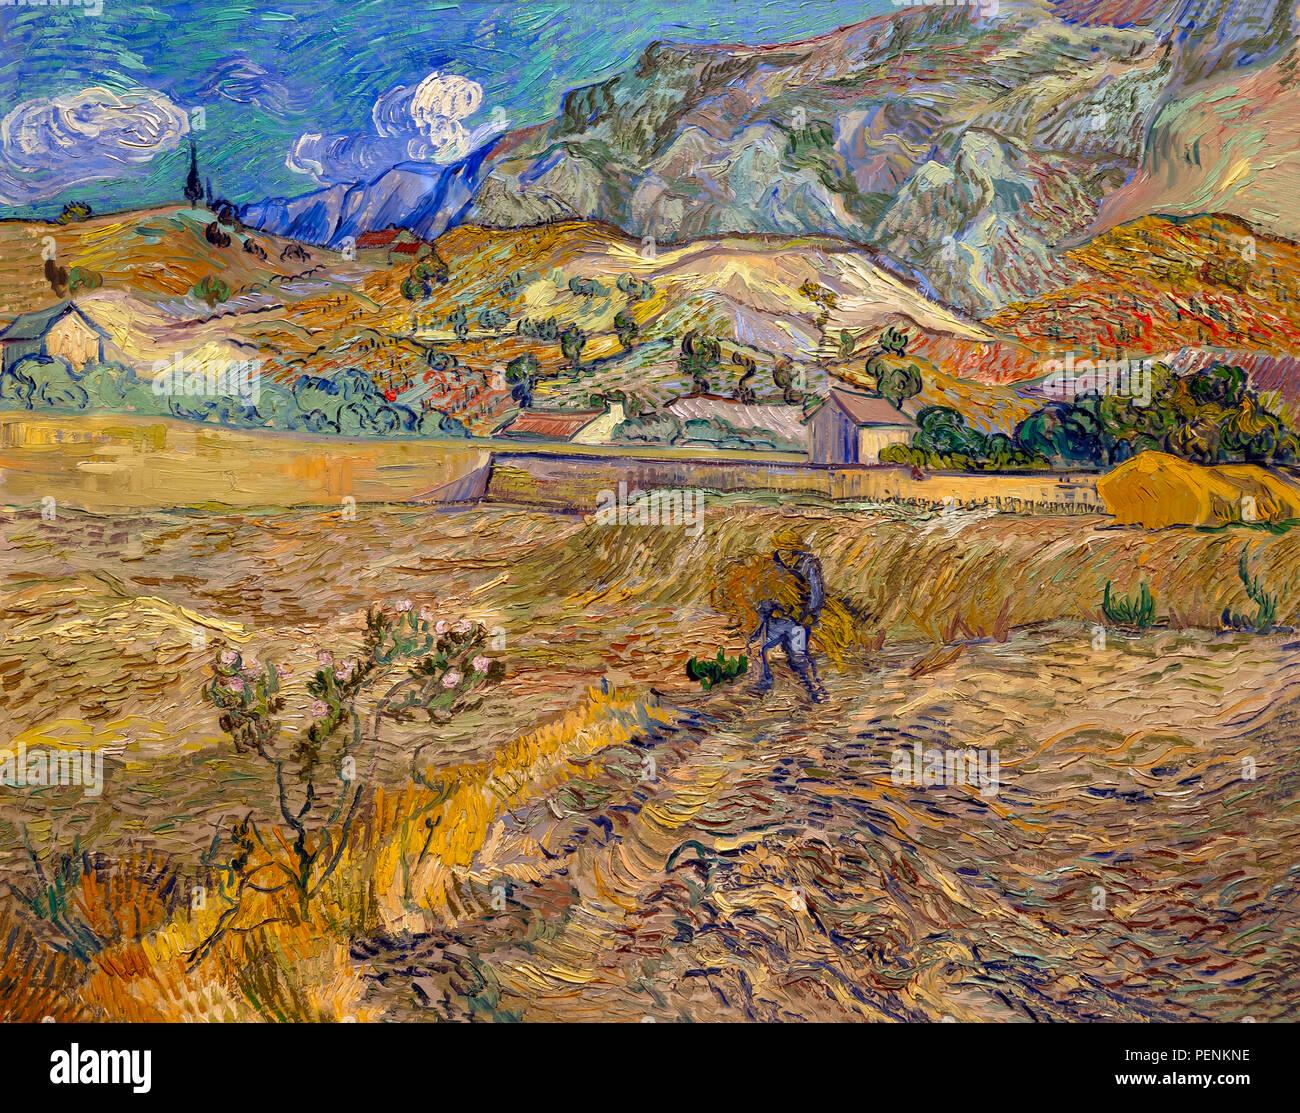 Paysage à Saint-Remy, clôturé Terrain avec paysan, Vincent van Gogh, 1889, Indianapolis Museum of Art, Indianapolis, Indiana, USA, Amérique du Nord Photo Stock